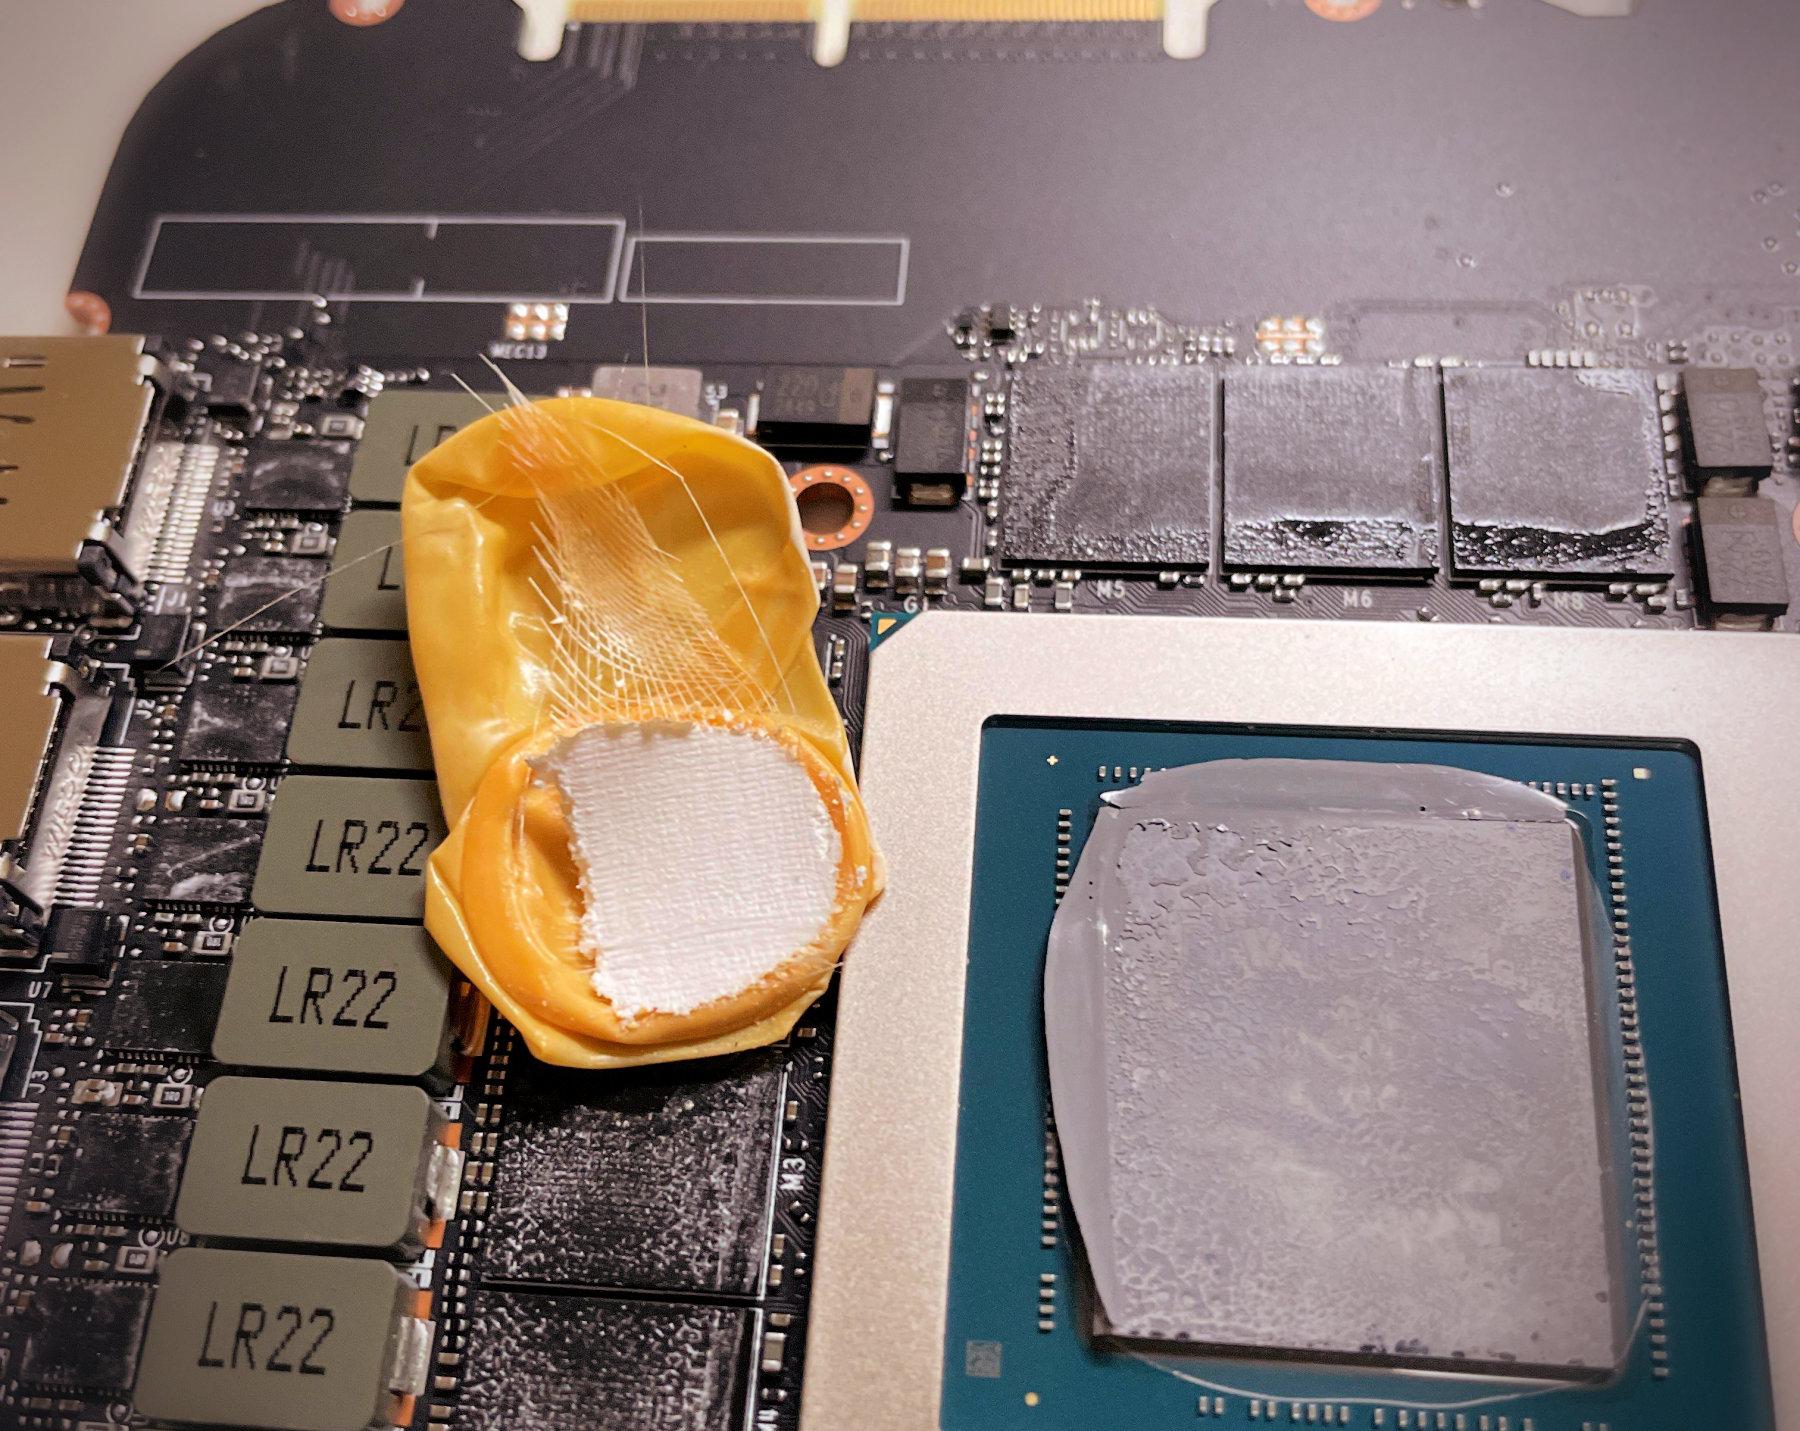 Un jugador encuentra una cuna para dedos debajo de la almohadilla térmica GeForce RTX 3090 Founders Edition